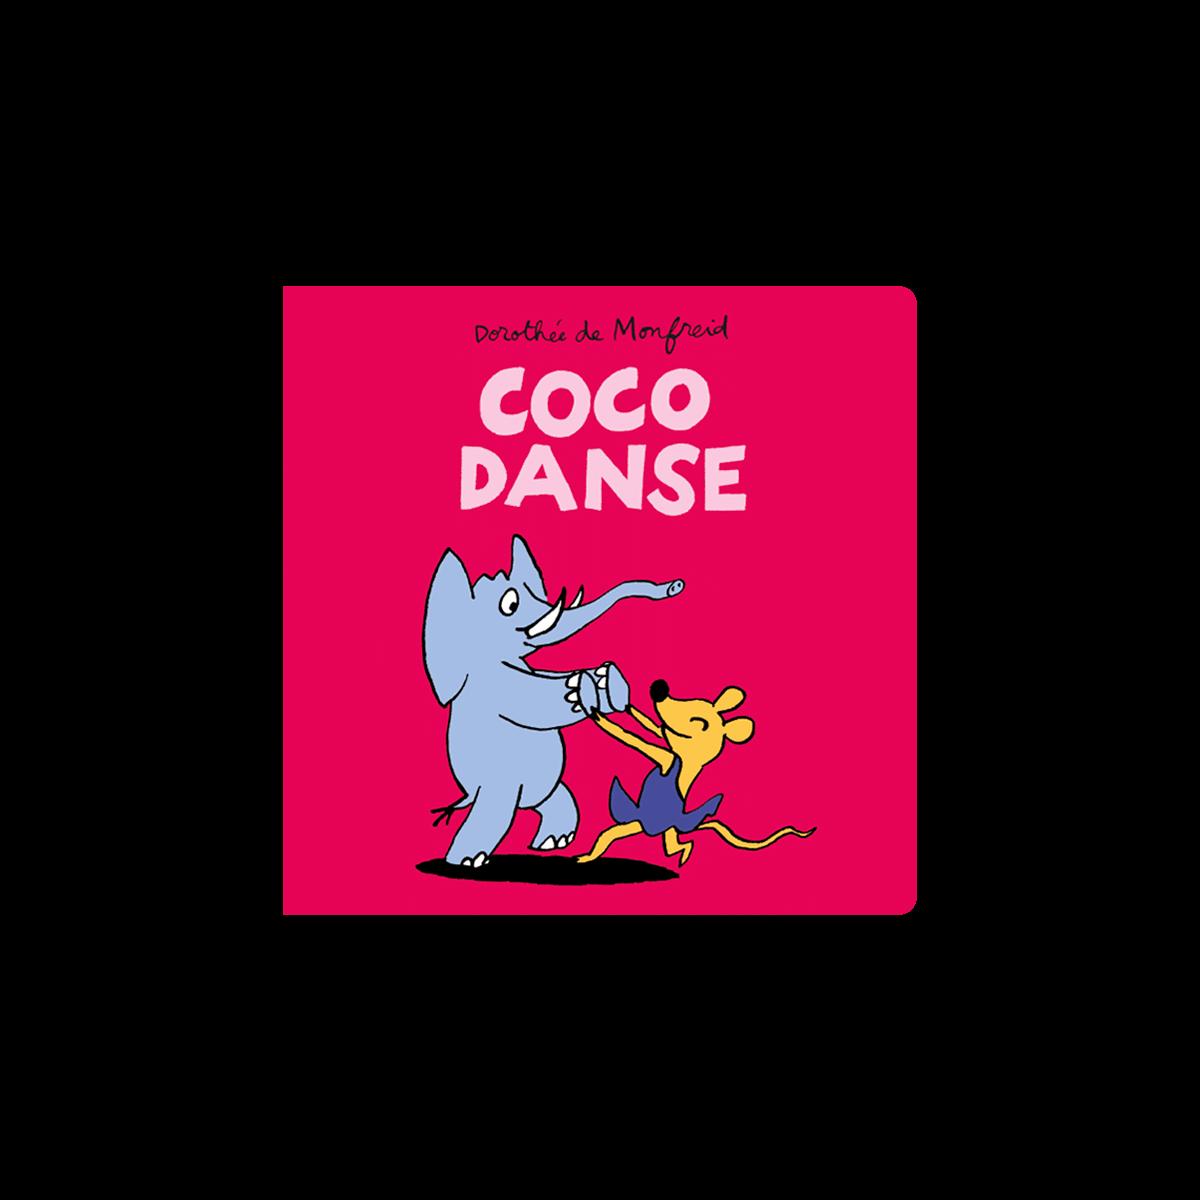 coco-danse-couv2